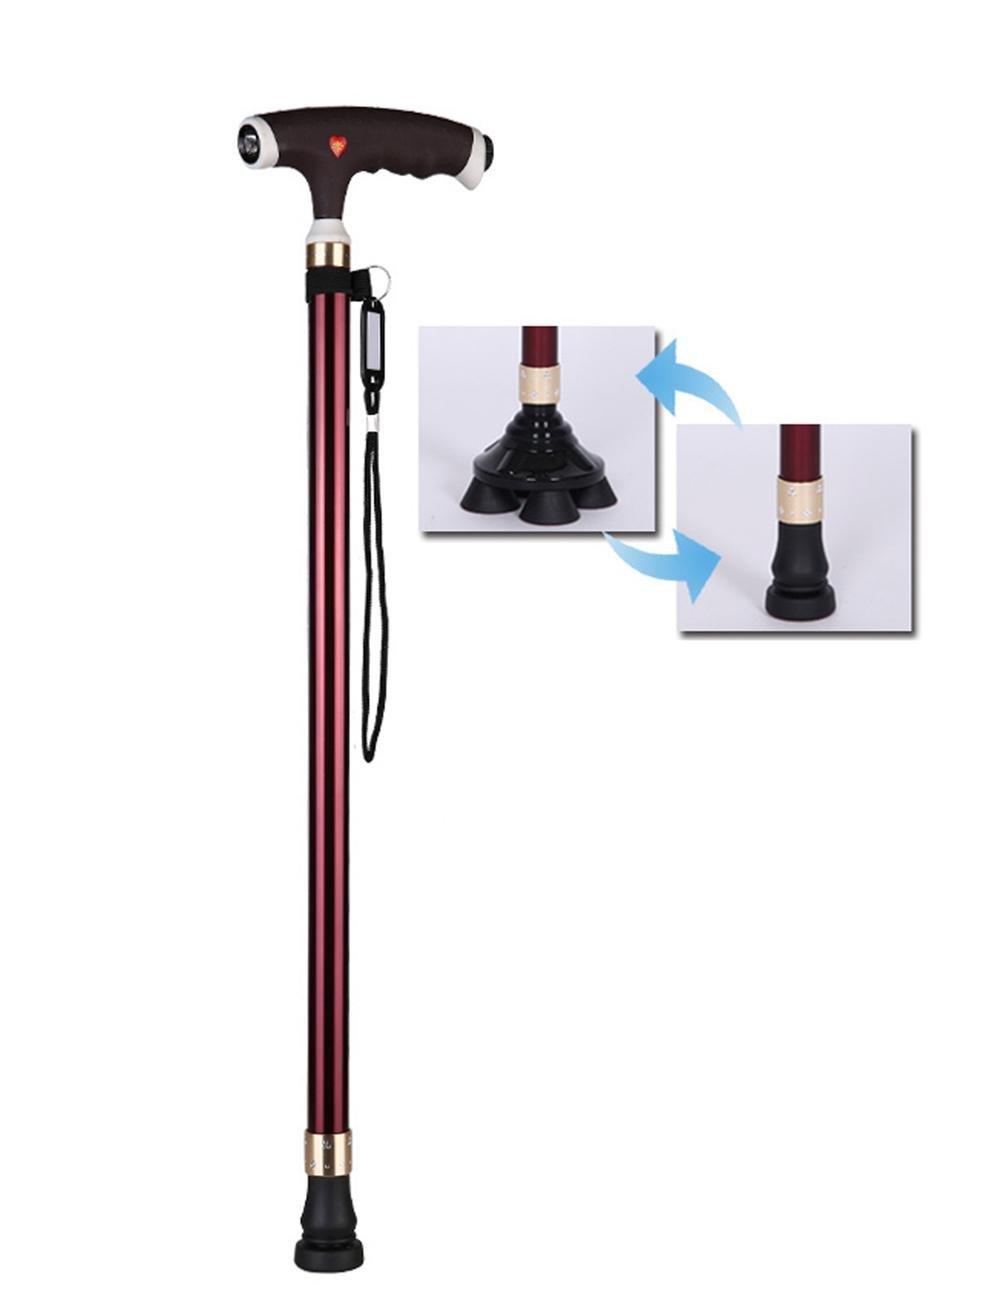 WAOBE Stampella impugnatura in plastica ecocompatibile canna da passeggio in lega di alluminio Marroneee nero piedi un bastone da passeggio 10 livellatore regolabile uomini anziani con comoda stampella a piedi a luce LED , A